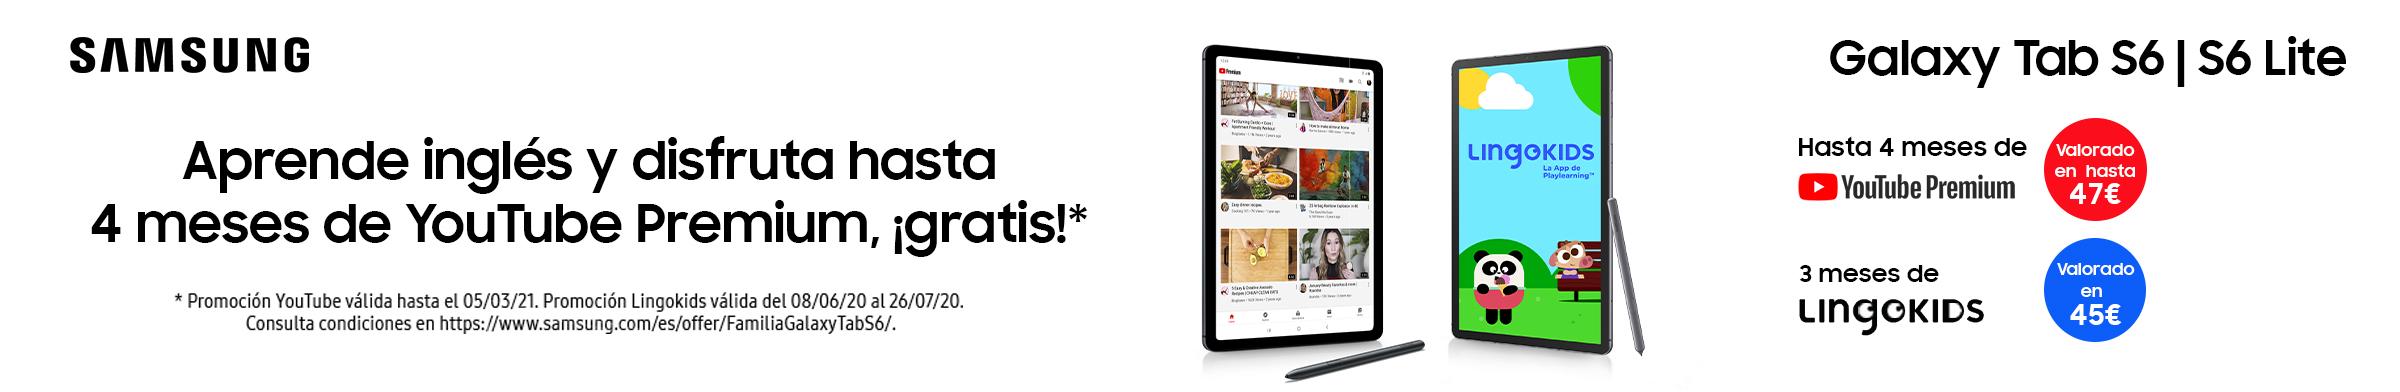 Aprende inglés y disfruta hasta 4 meses gratis de Youtube Premium con Galaxy Tab S6 / S6 lite